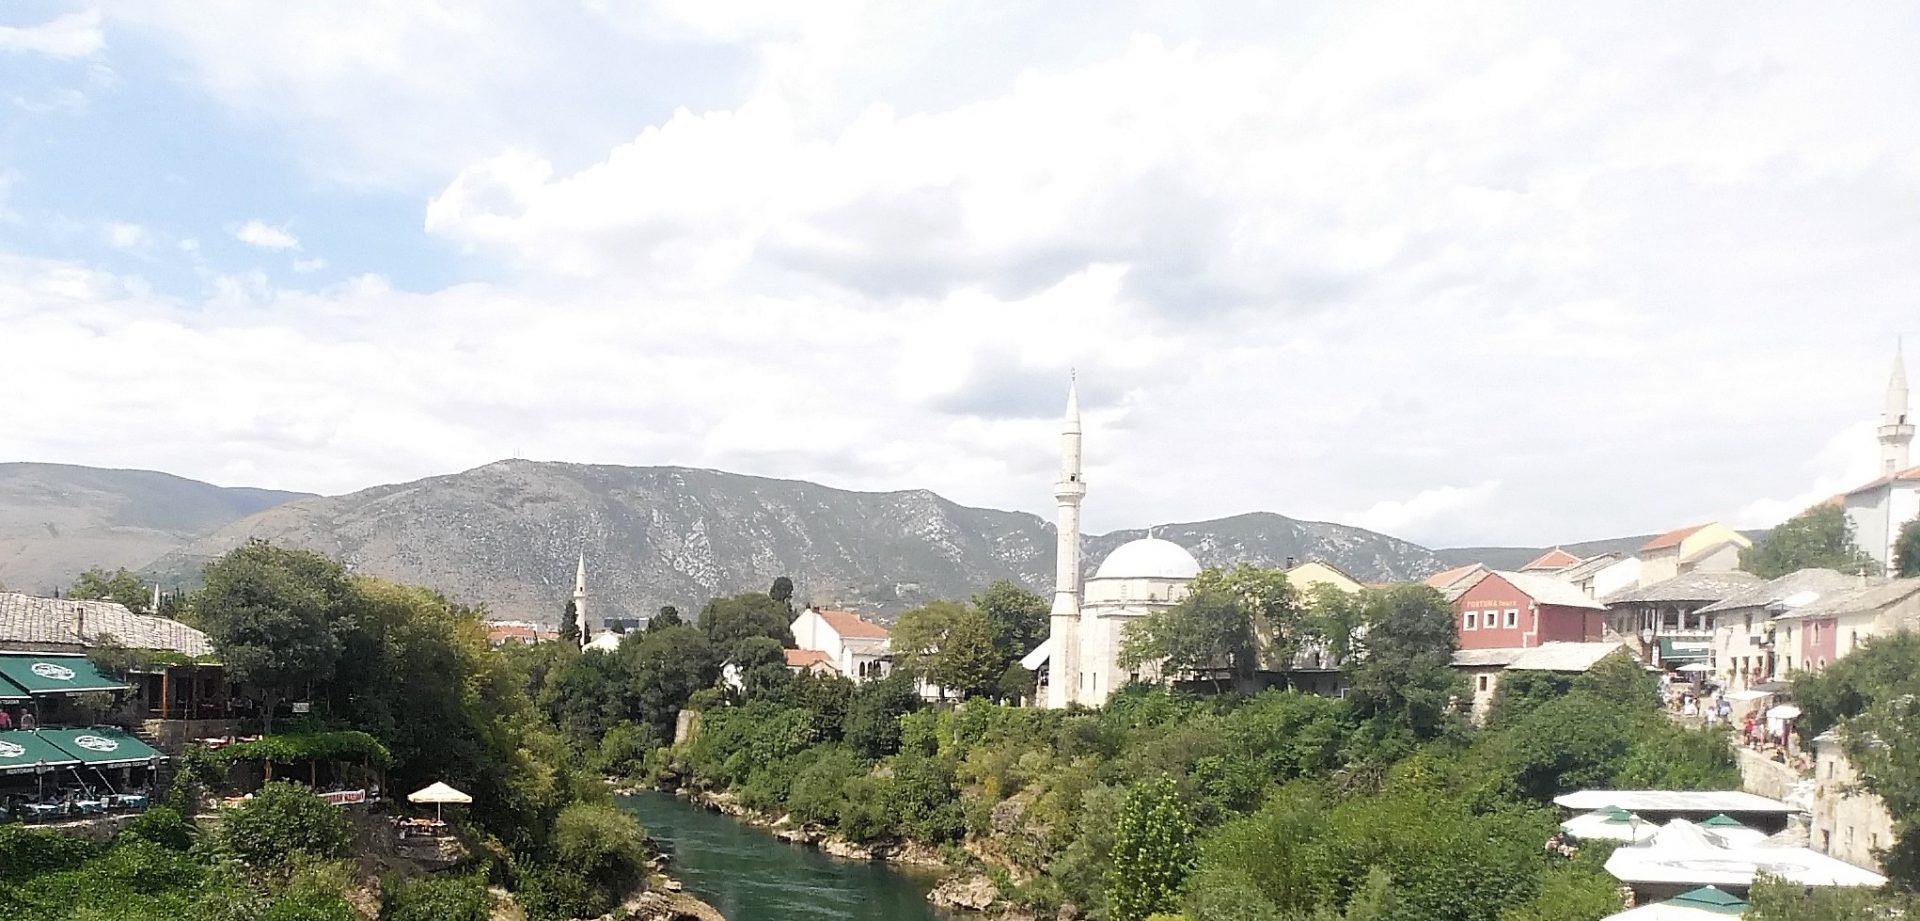 INCREÍBLE SALTO DESDE EL PUENTE STARI MOST, MOSTAR (BOSNIA HERZEGOVINA)